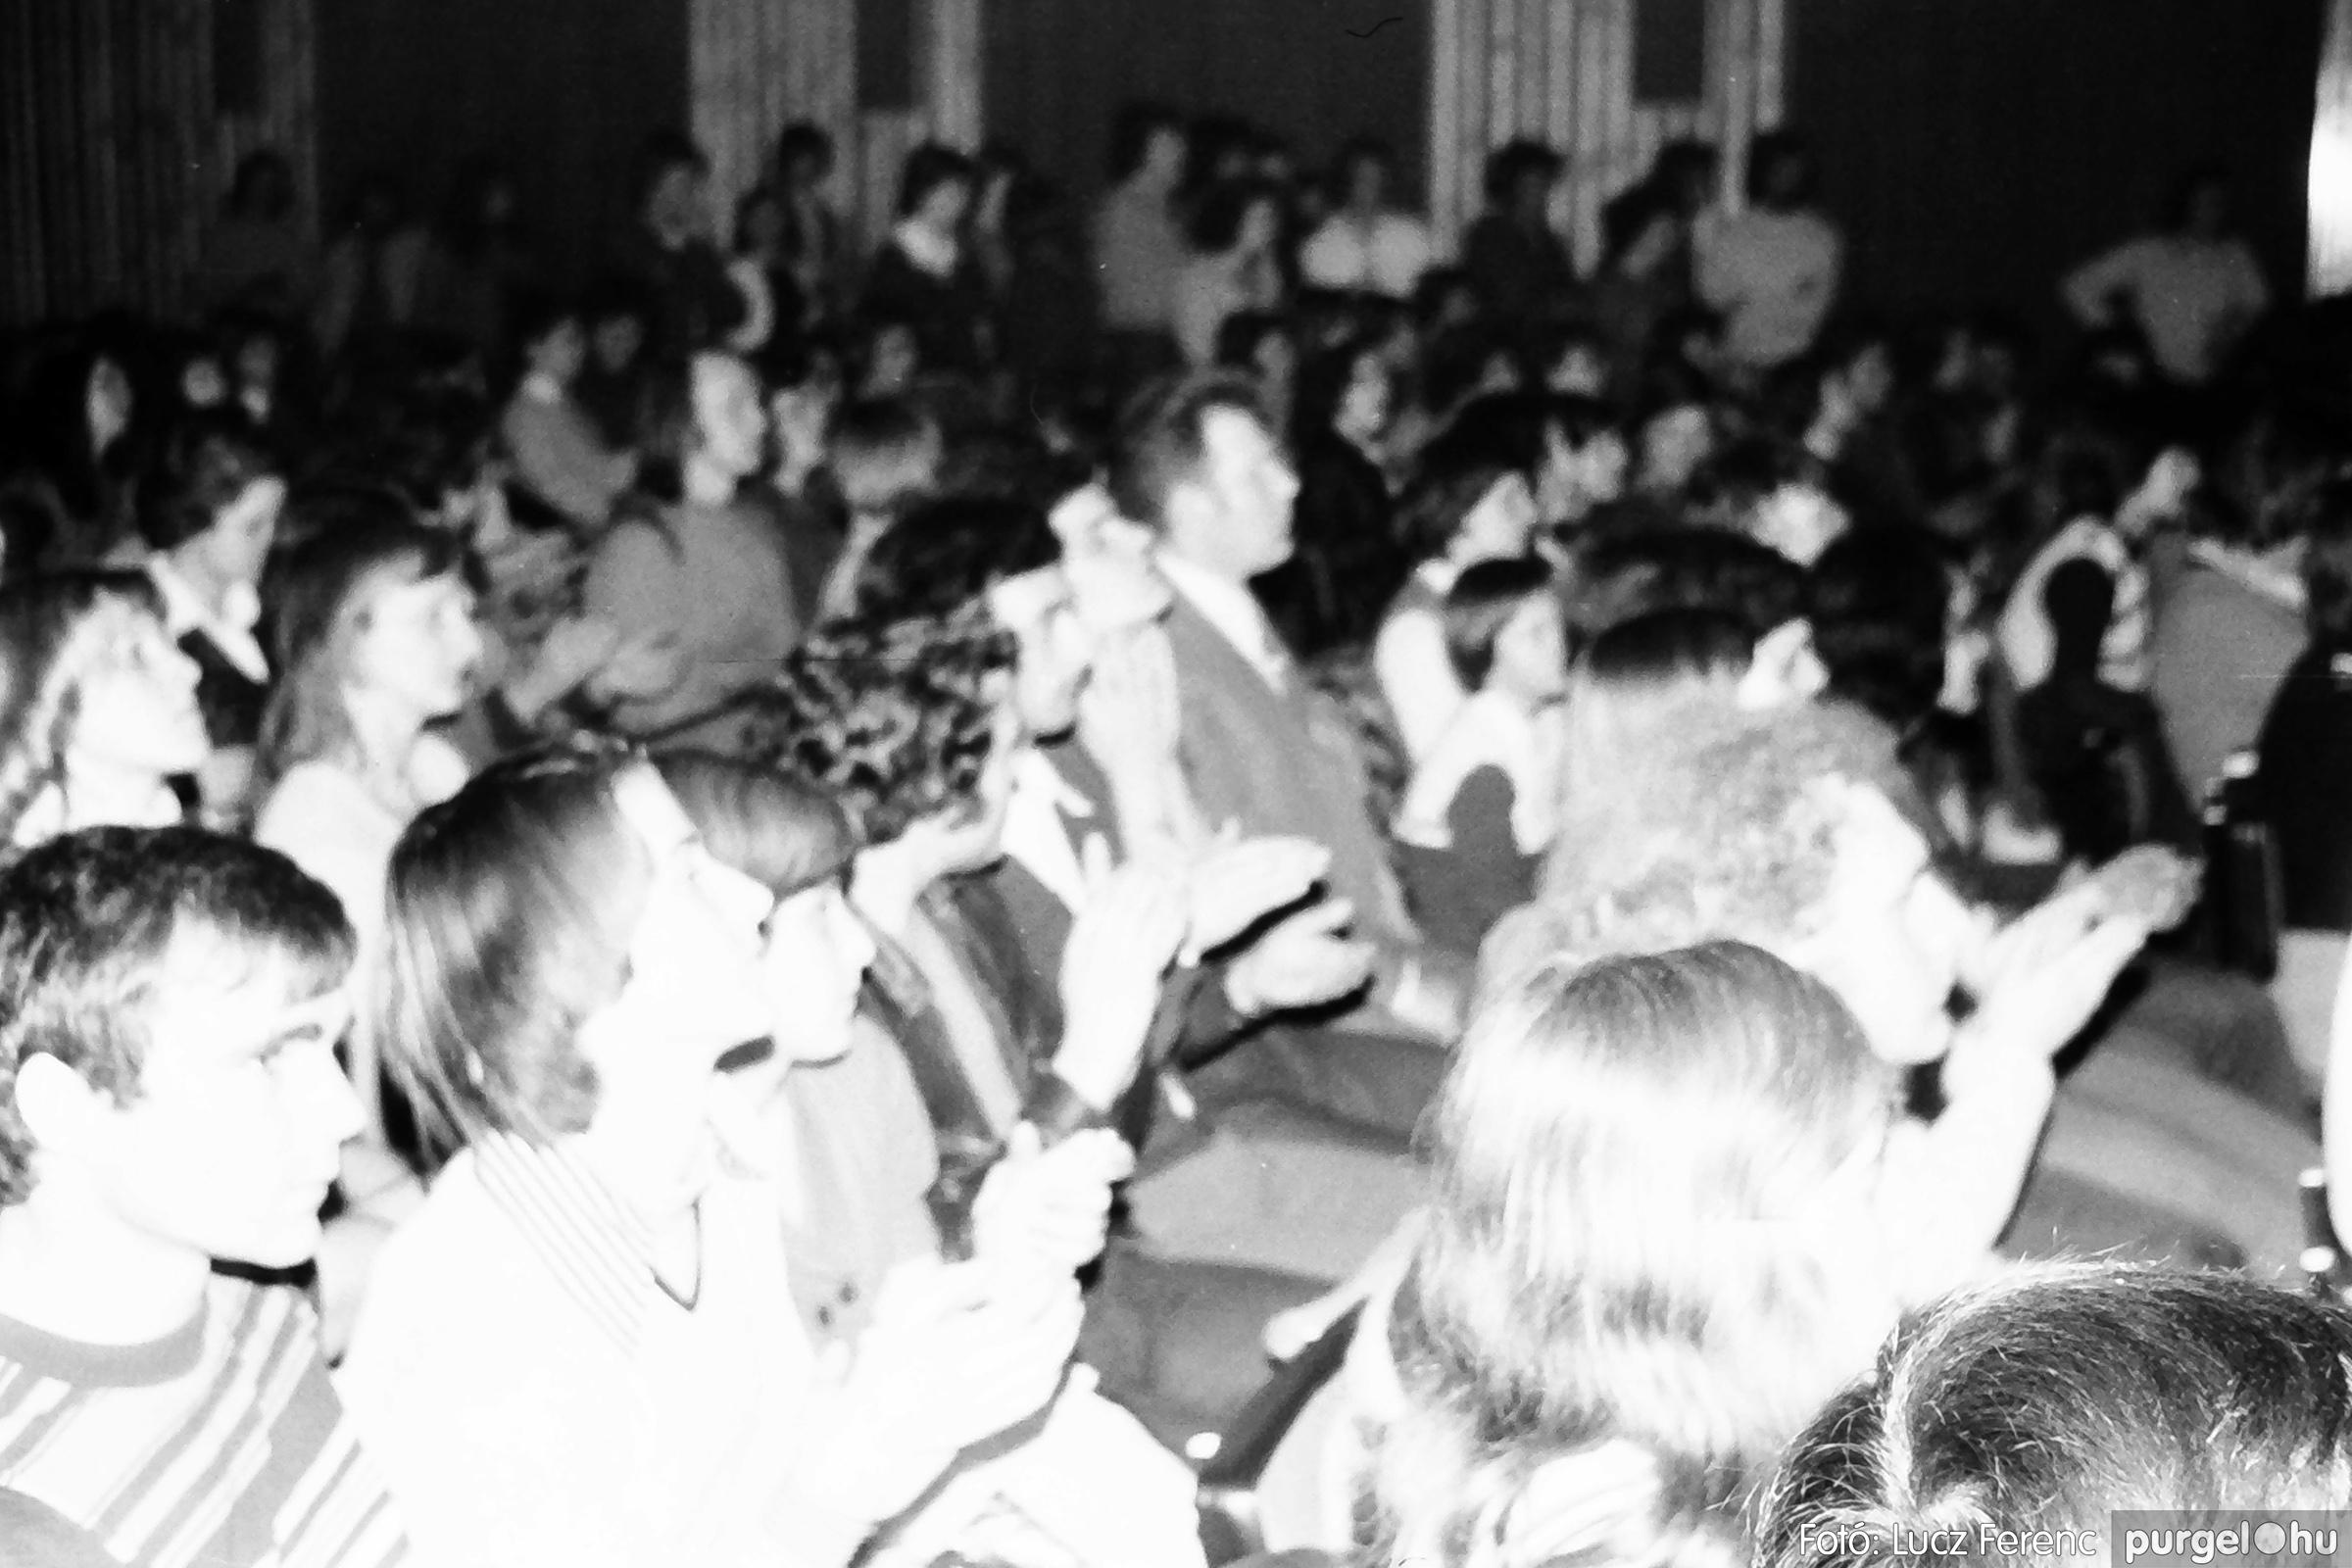 072. 1977. A botrányba fulladt Neoton koncert 003. - Fotó: Lucz Ferenc.jpg